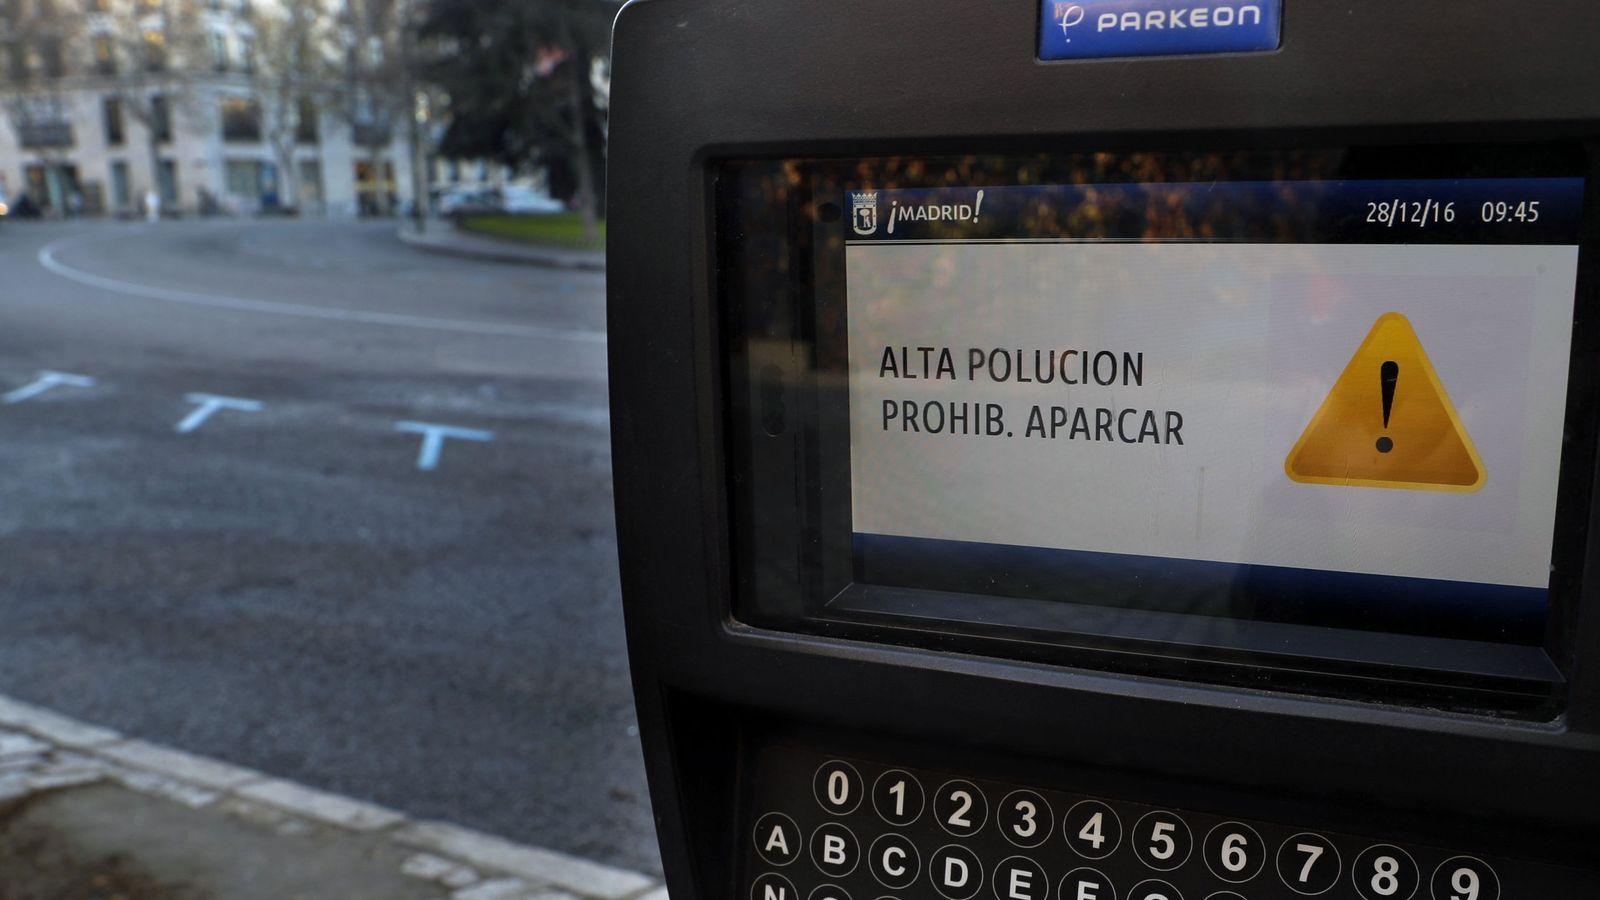 Foto: Un parquímetro del centro del Madrid avisa de que no se puede aparcar por alta contaminación. (Efe)